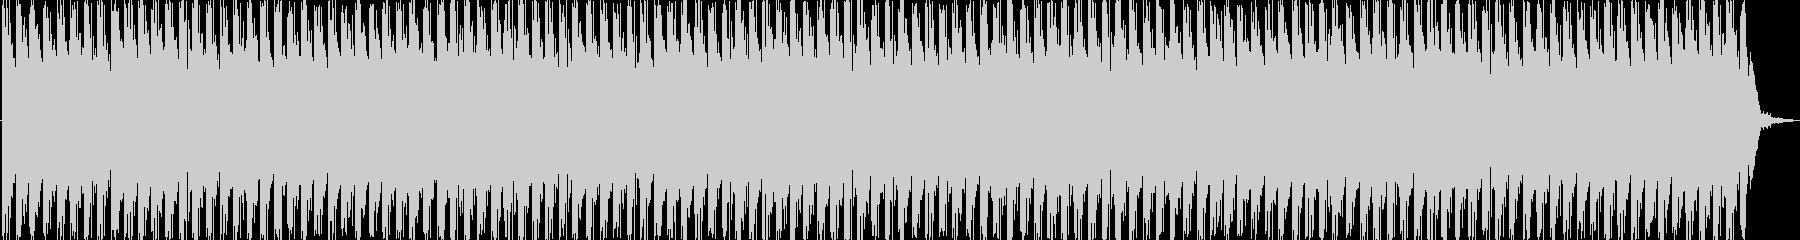 軽快でわくわくするエレクトロニカの未再生の波形